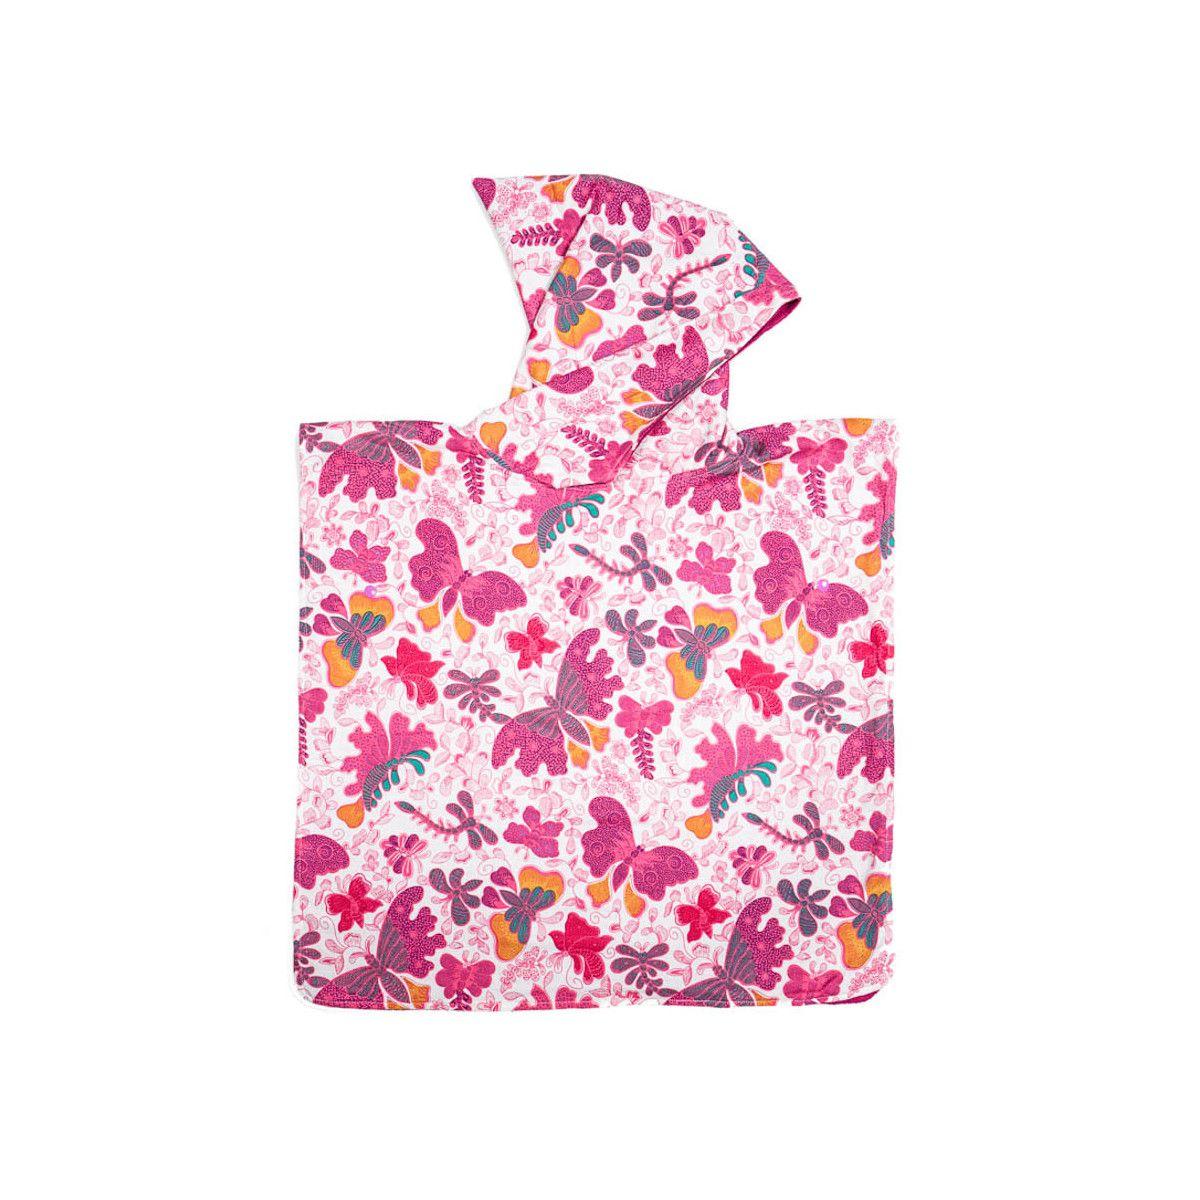 Poncho de bain, de plage à capuche enfant papillons roses